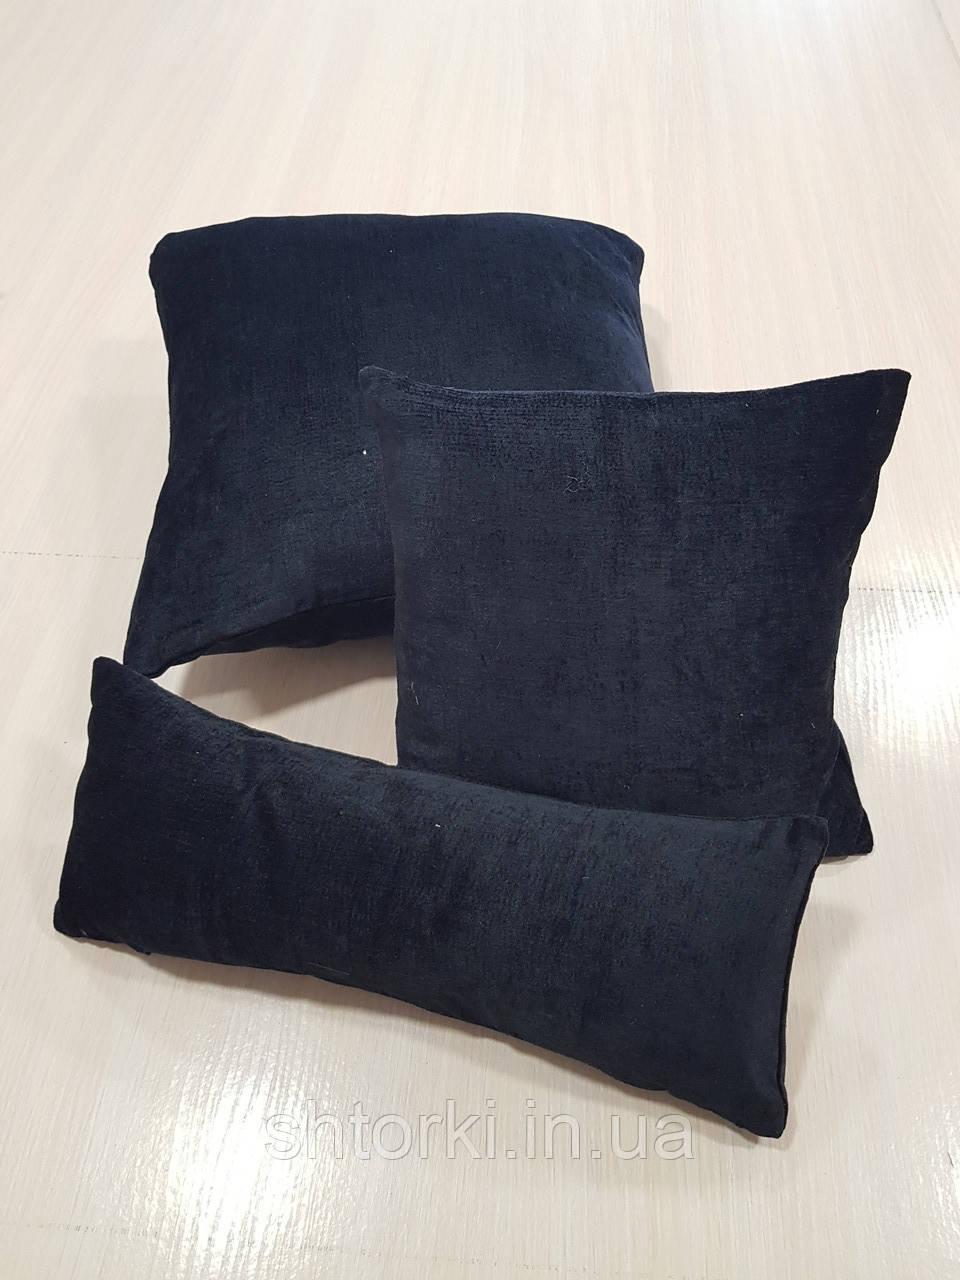 Комплект подушек   Плюш черные, 3шт